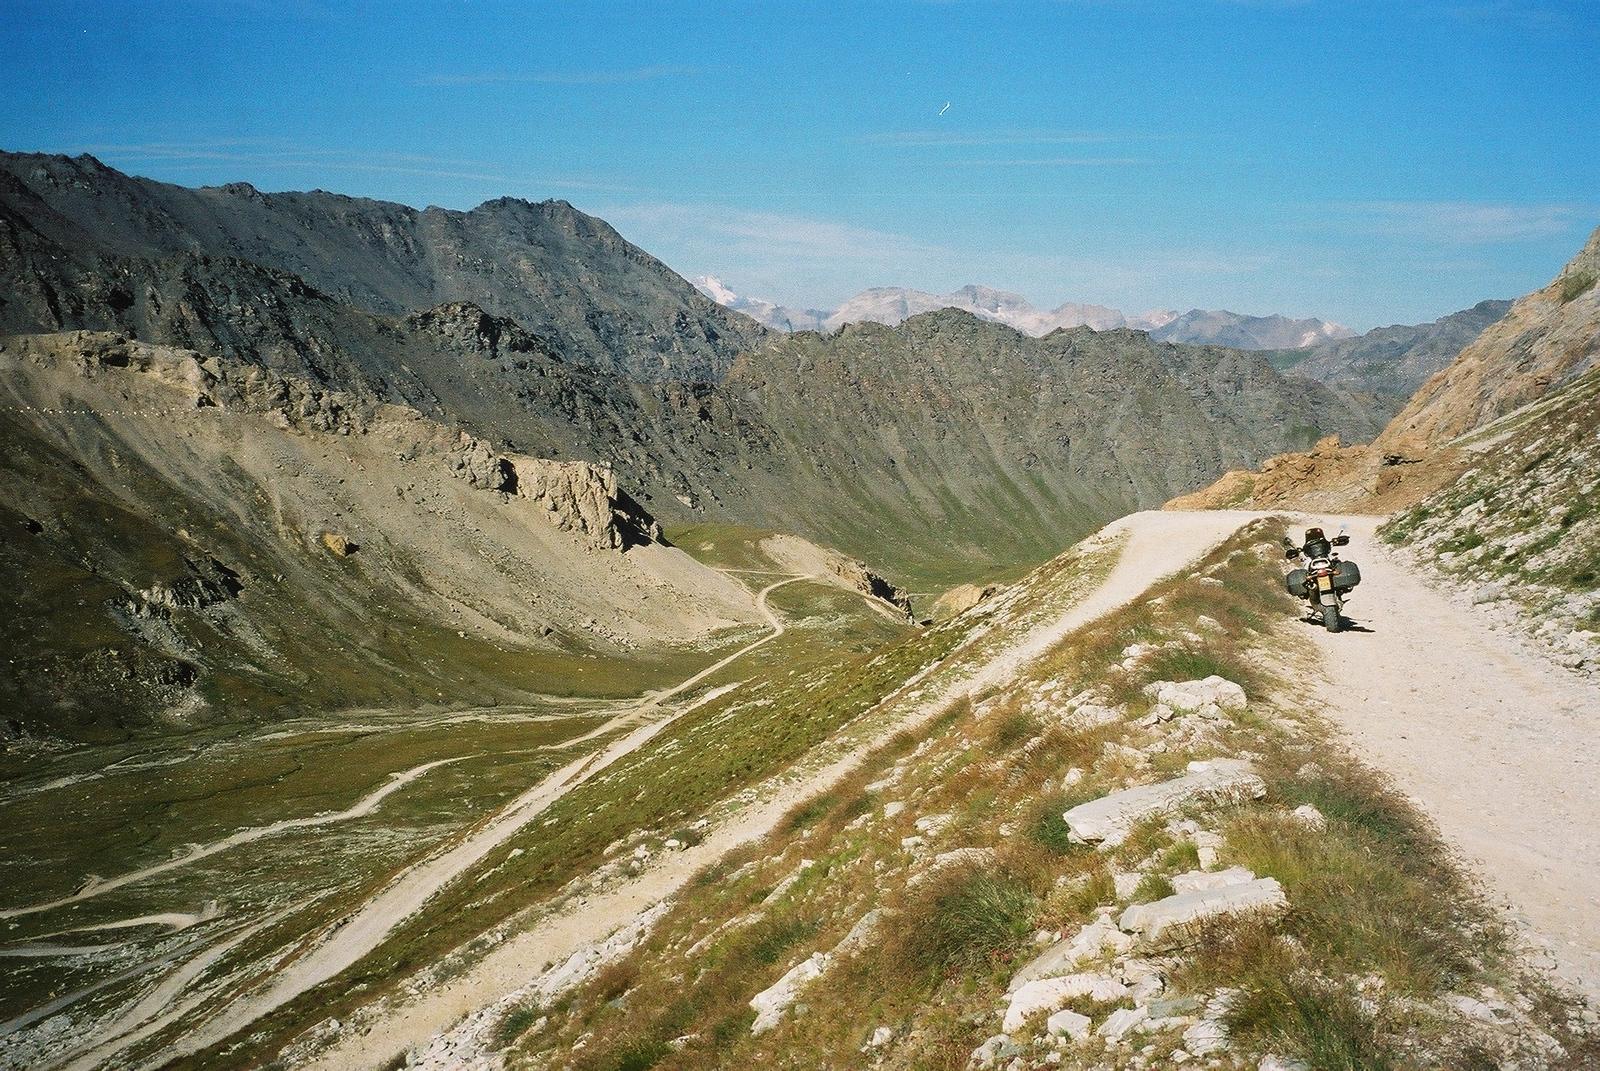 2003 afdaling hoogste flank Pointe Sommeiller. De top zelf was onbereikbaar